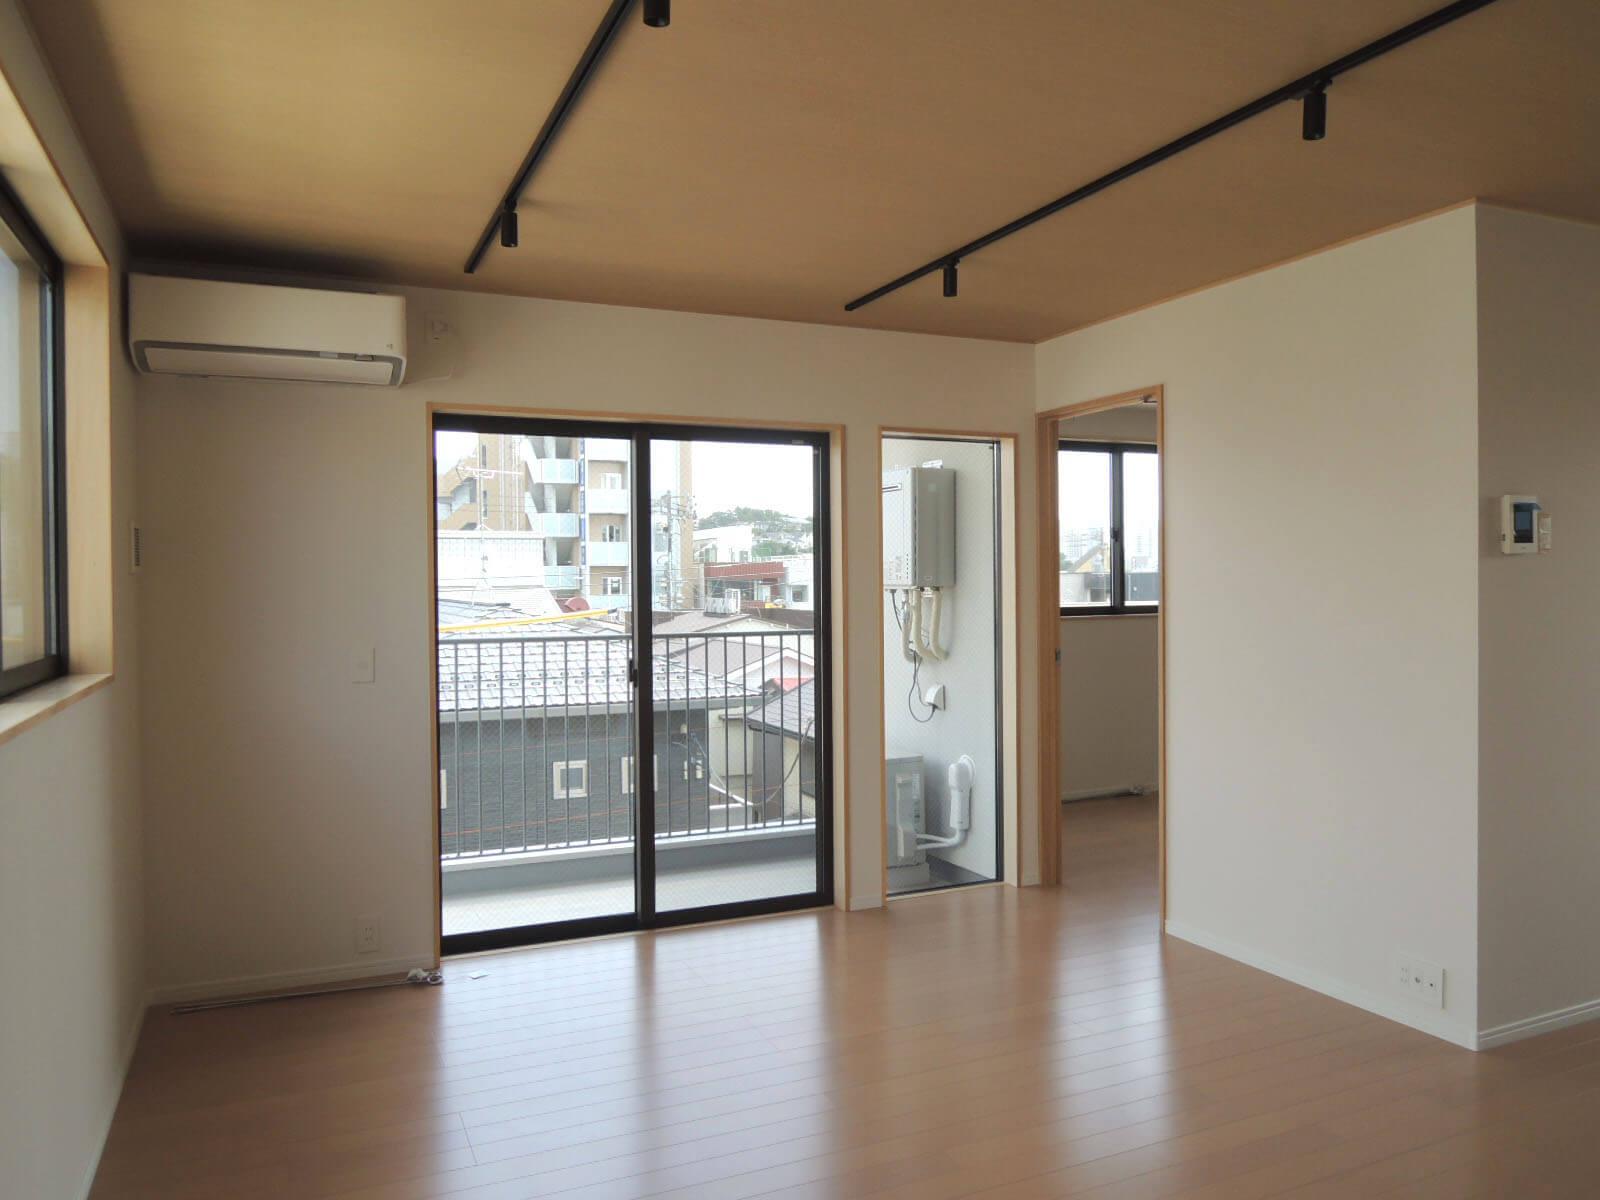 303: いちばん広い部屋、右側が寝室です